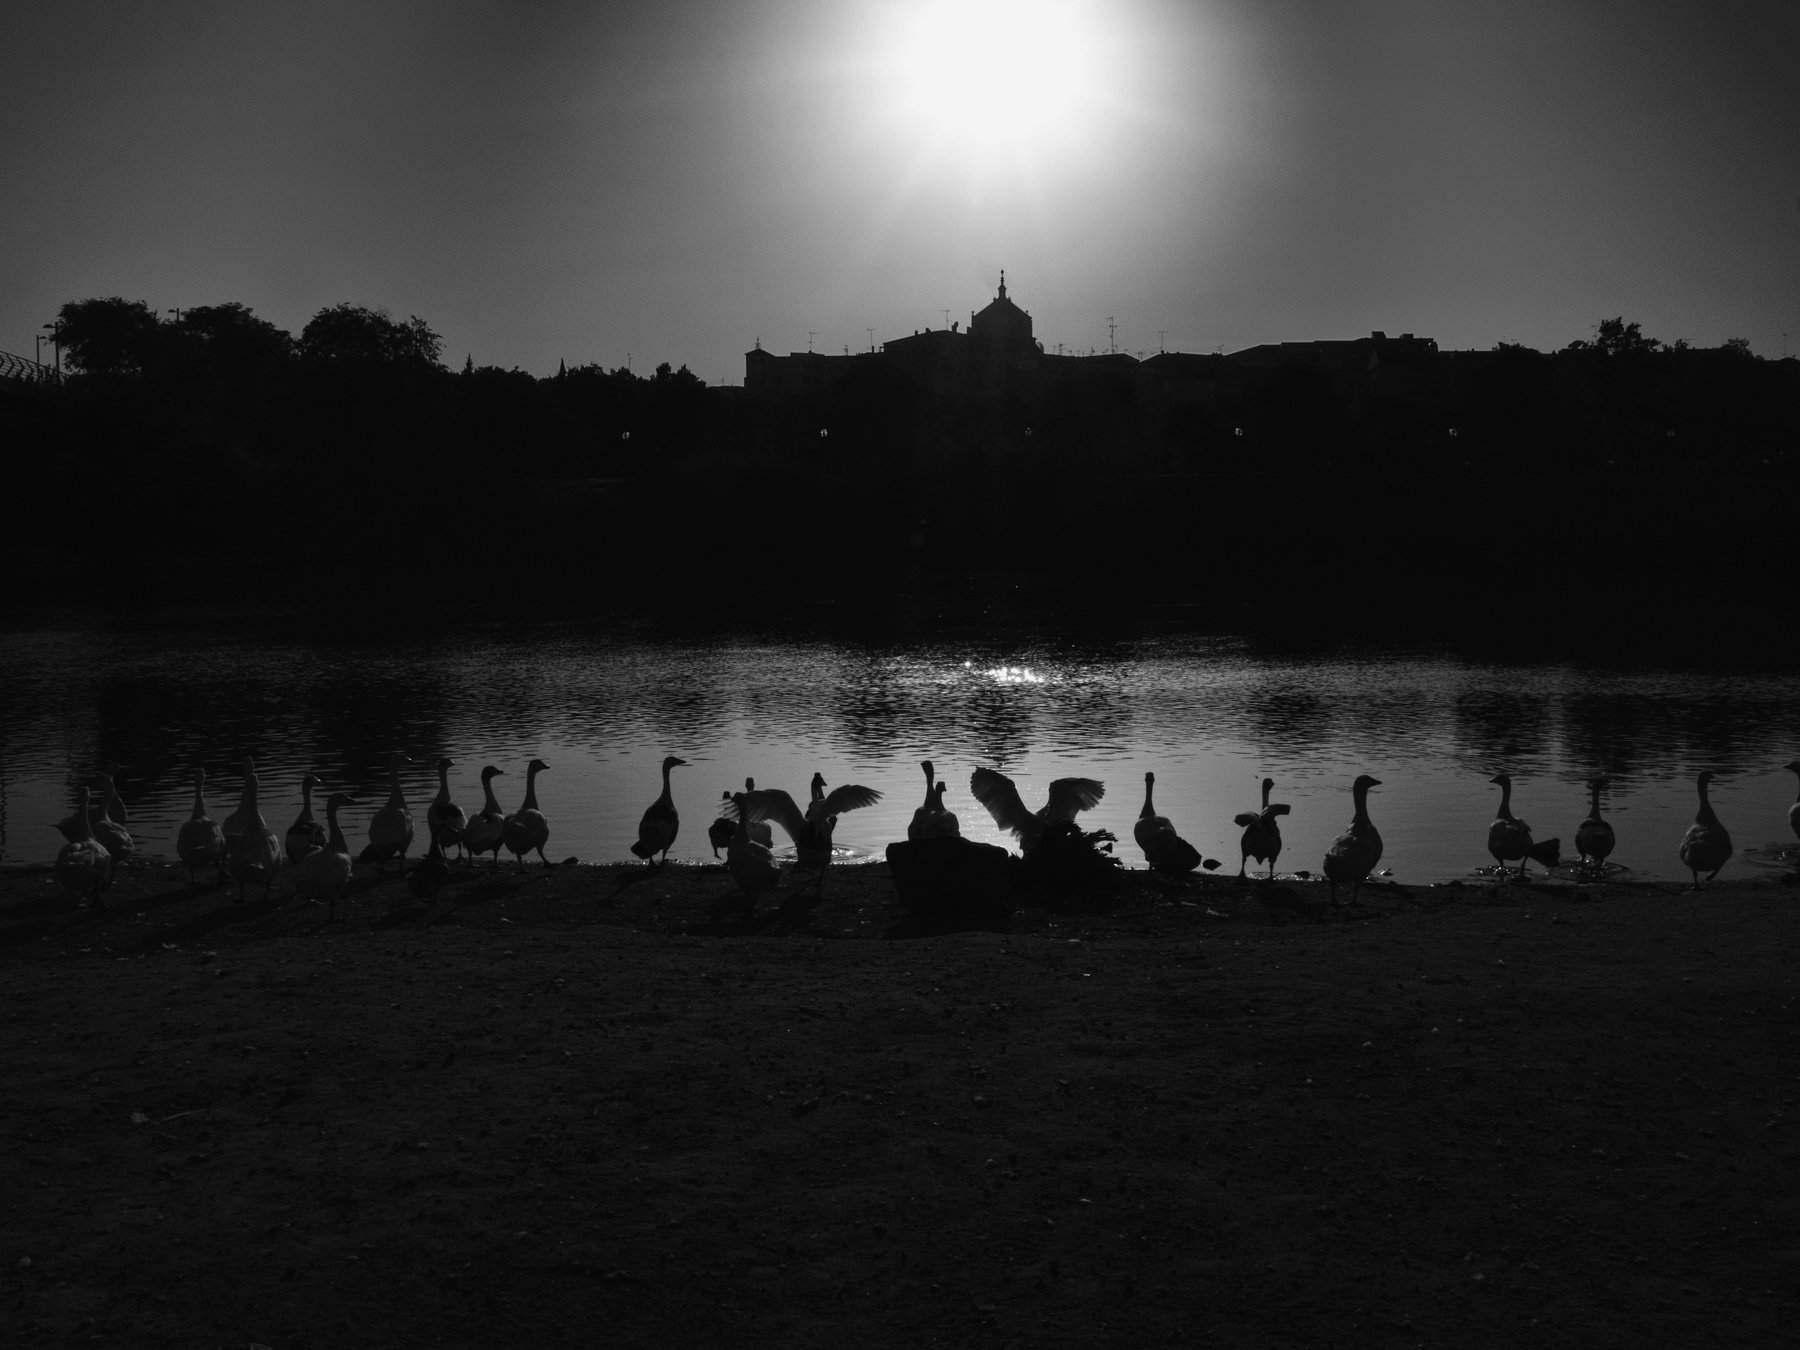 Spain, Toledo, Monochrome, Black and white, Birds, Sunset, Elena Beregatnova